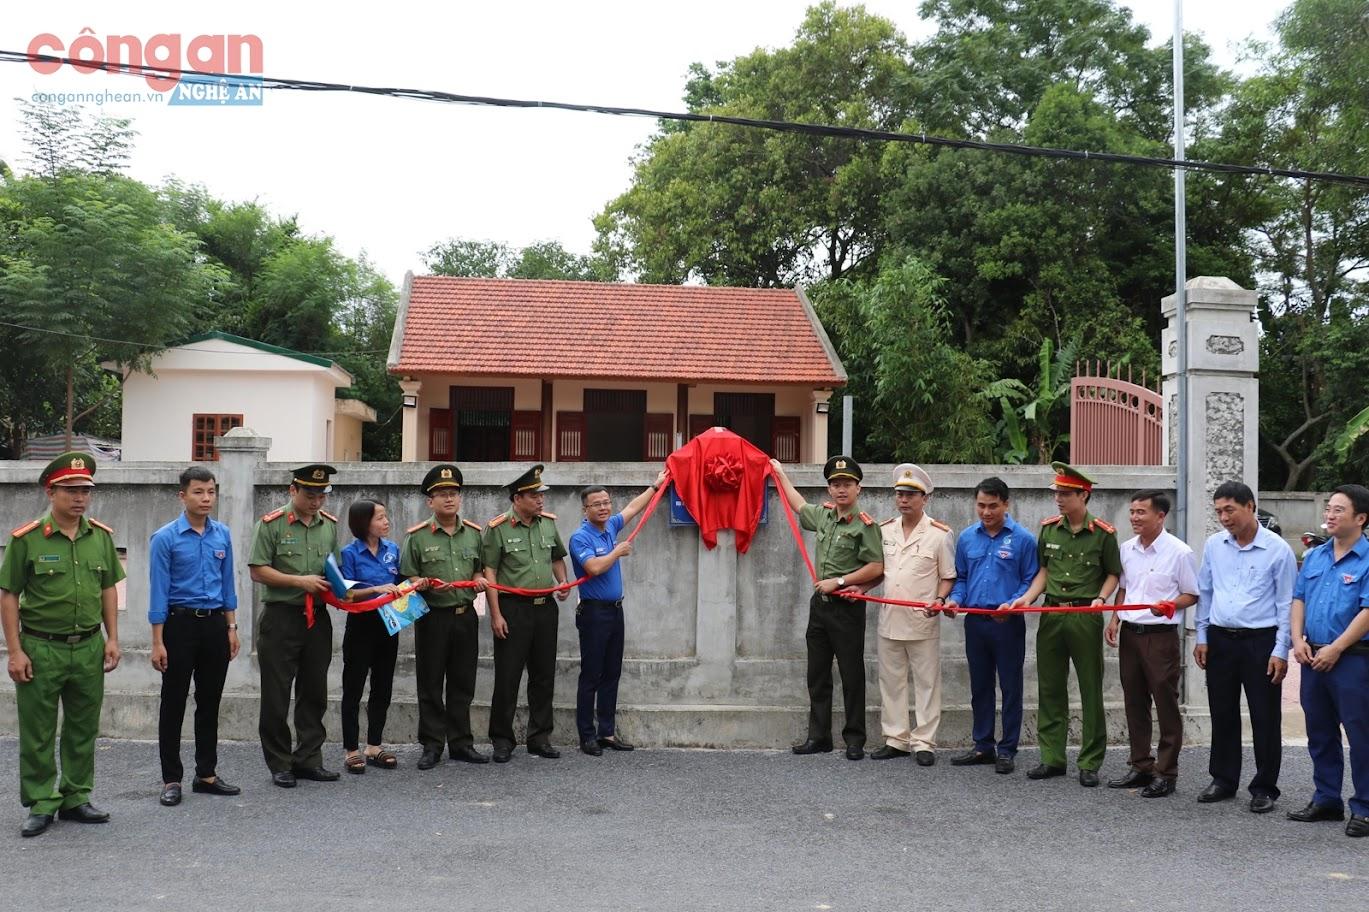 Khánh thành công trình hệ thống điện xung quanh Nhà tưởng niệm Bộ trưởng Trần Quốc Hoàn